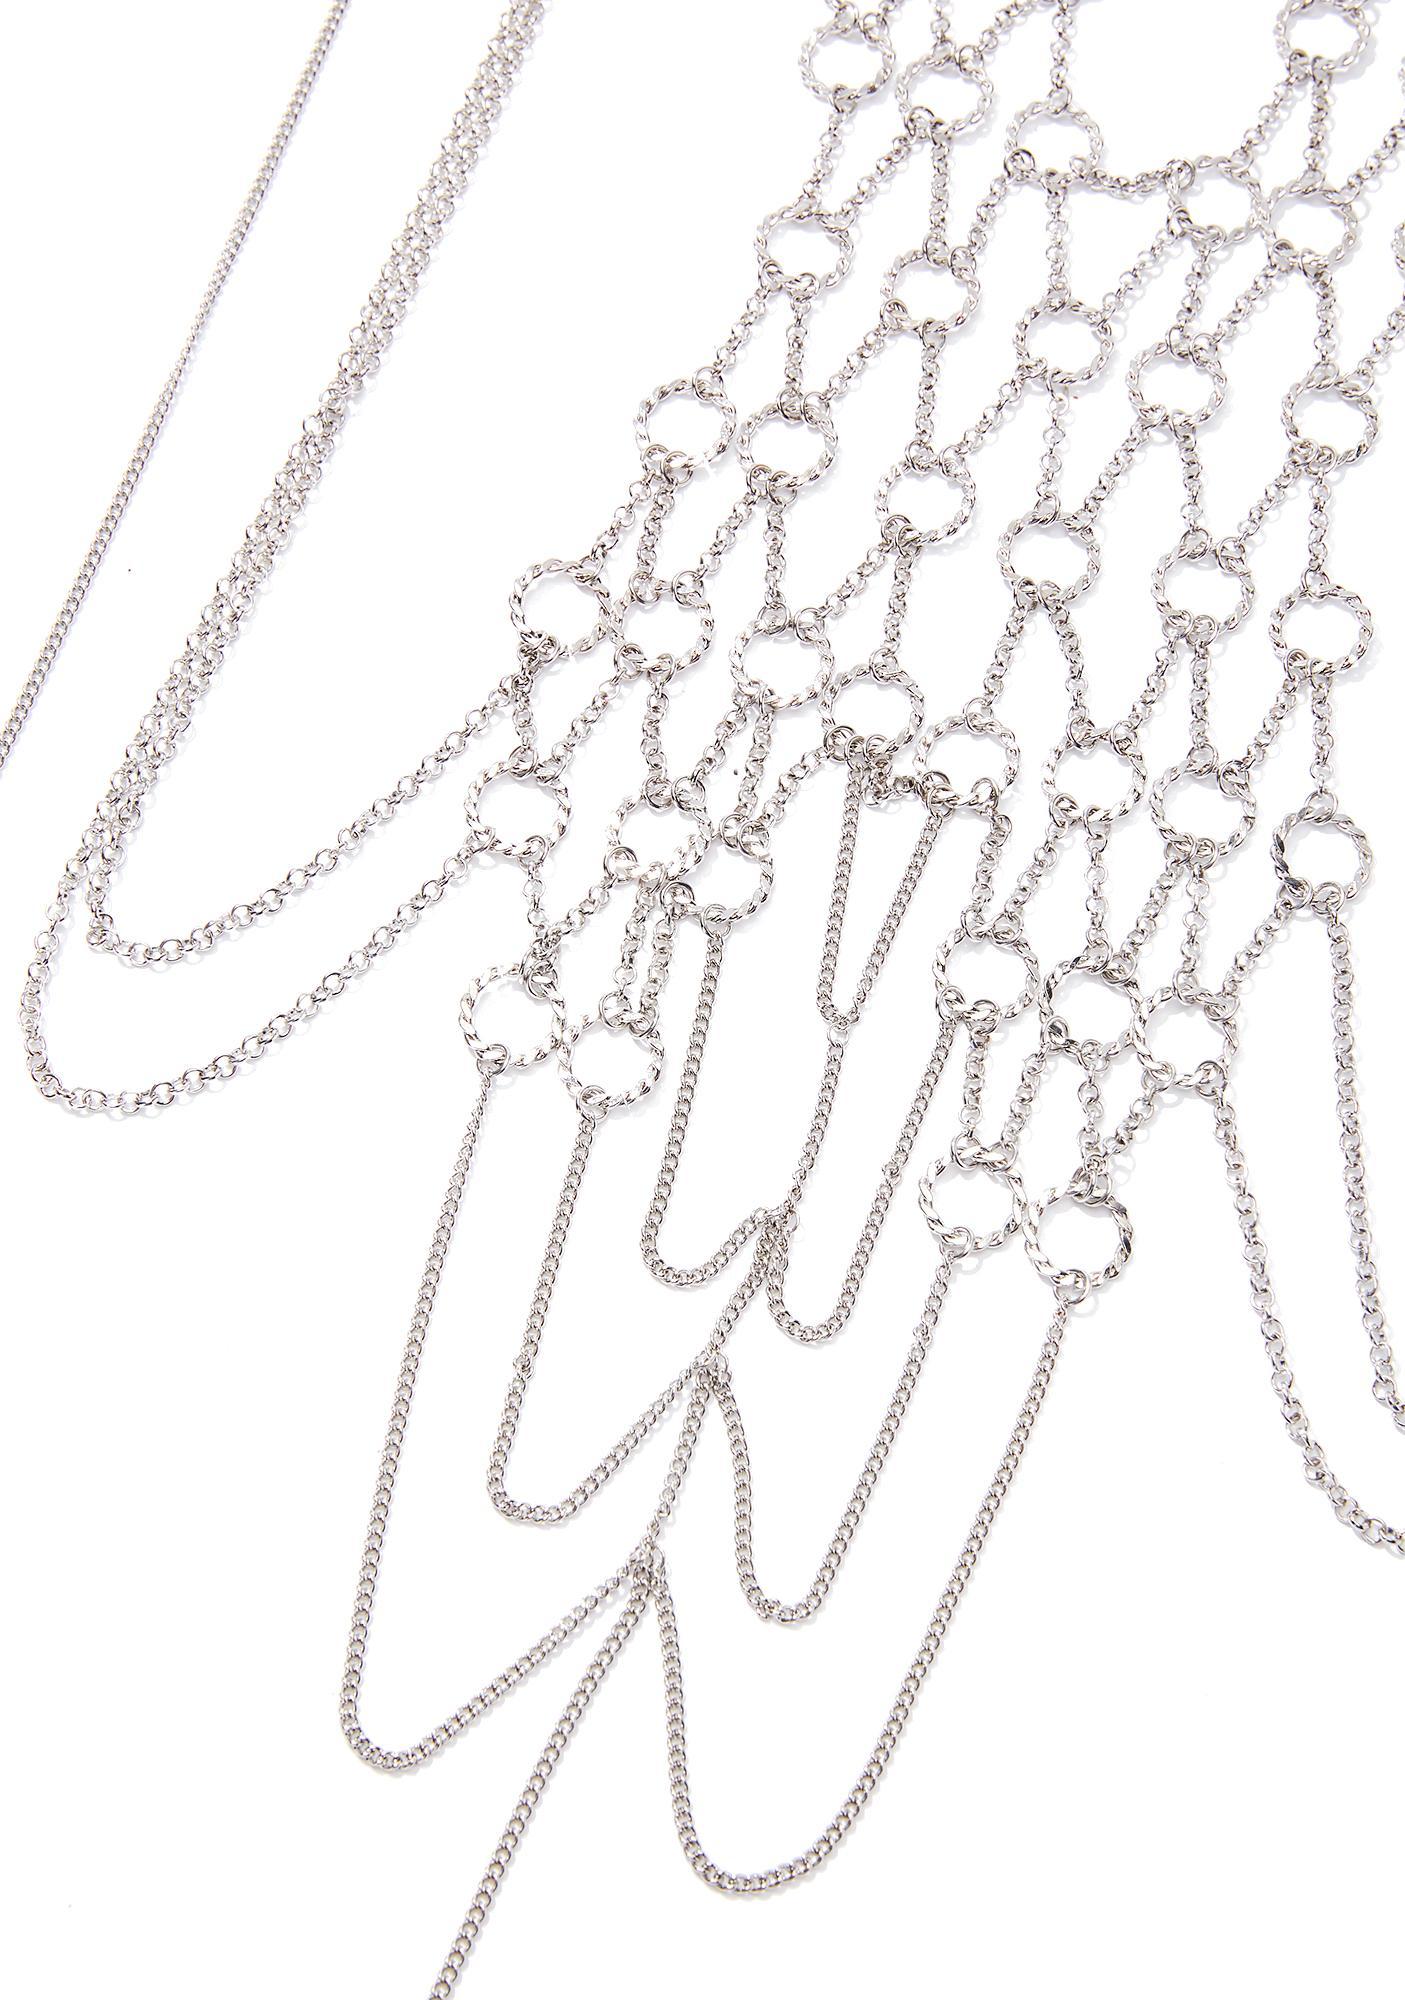 Got Ya Hypnotized Body Chain